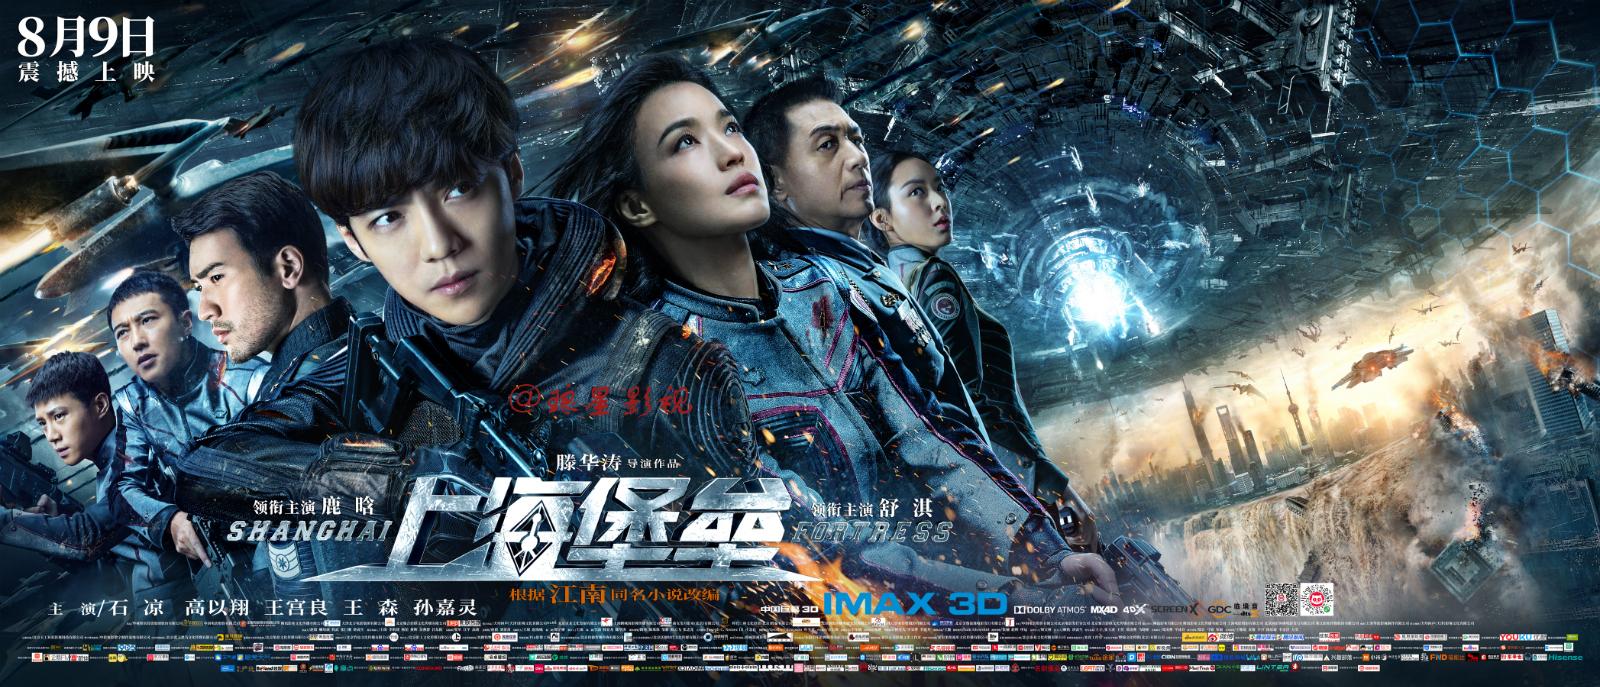 最新影视资讯_「琅星资讯」舒淇,鹿晗新电影《上海堡垒》上映在即,有何亮点?